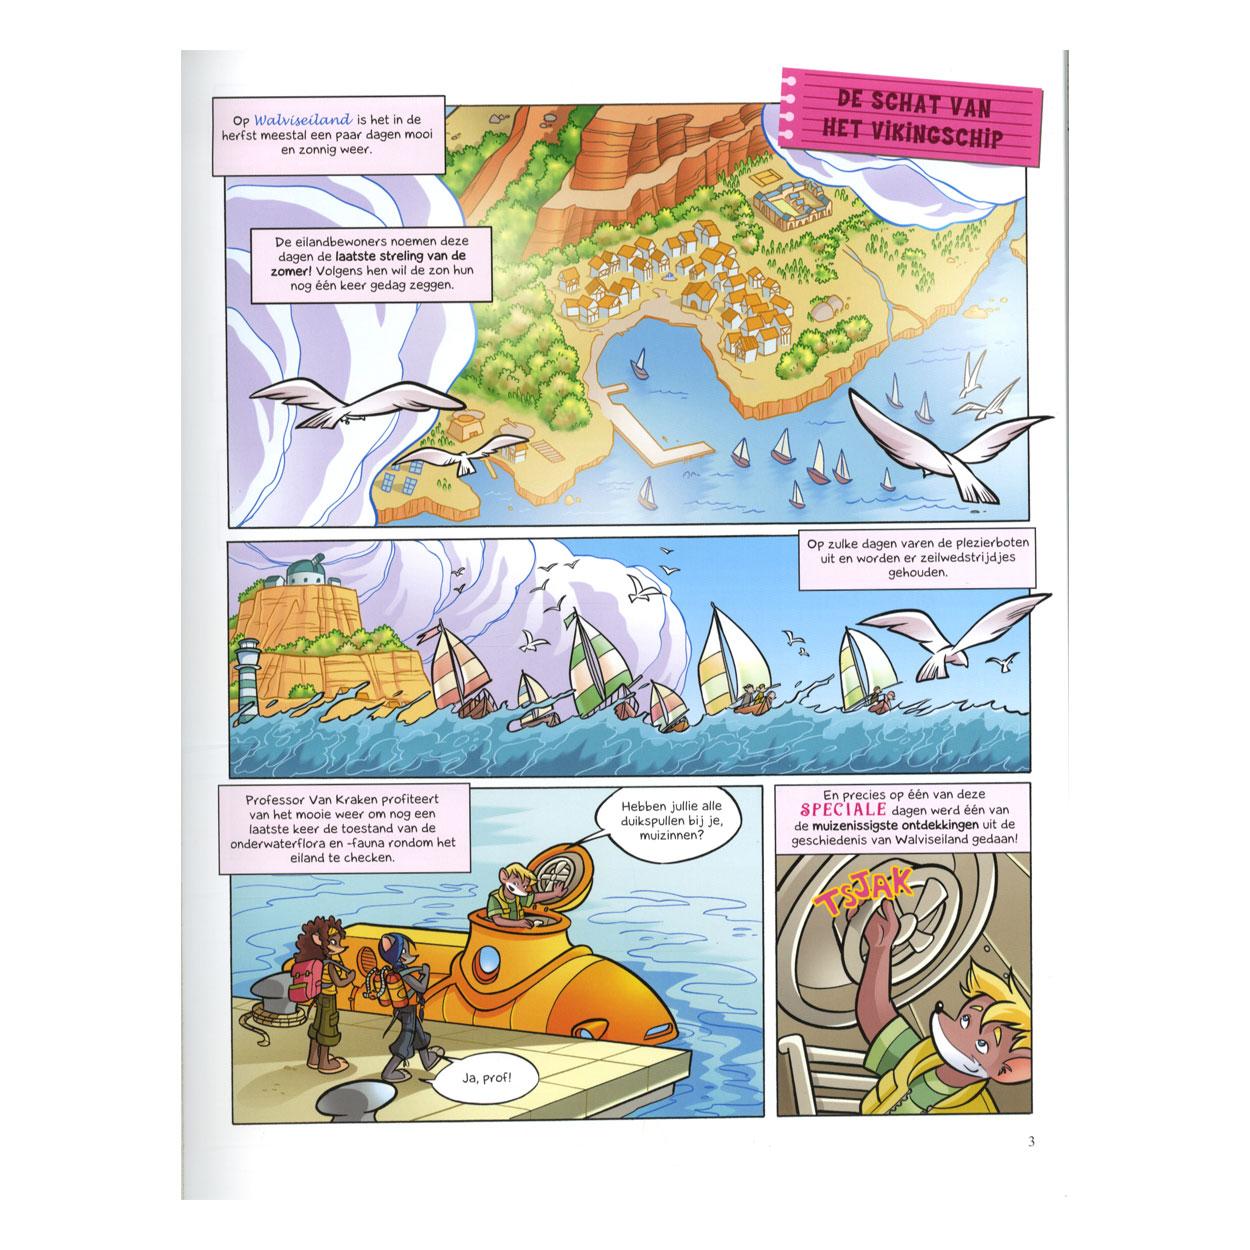 Schat van het vikingschip online kopen - Kast voor het opslaan van boeken ...